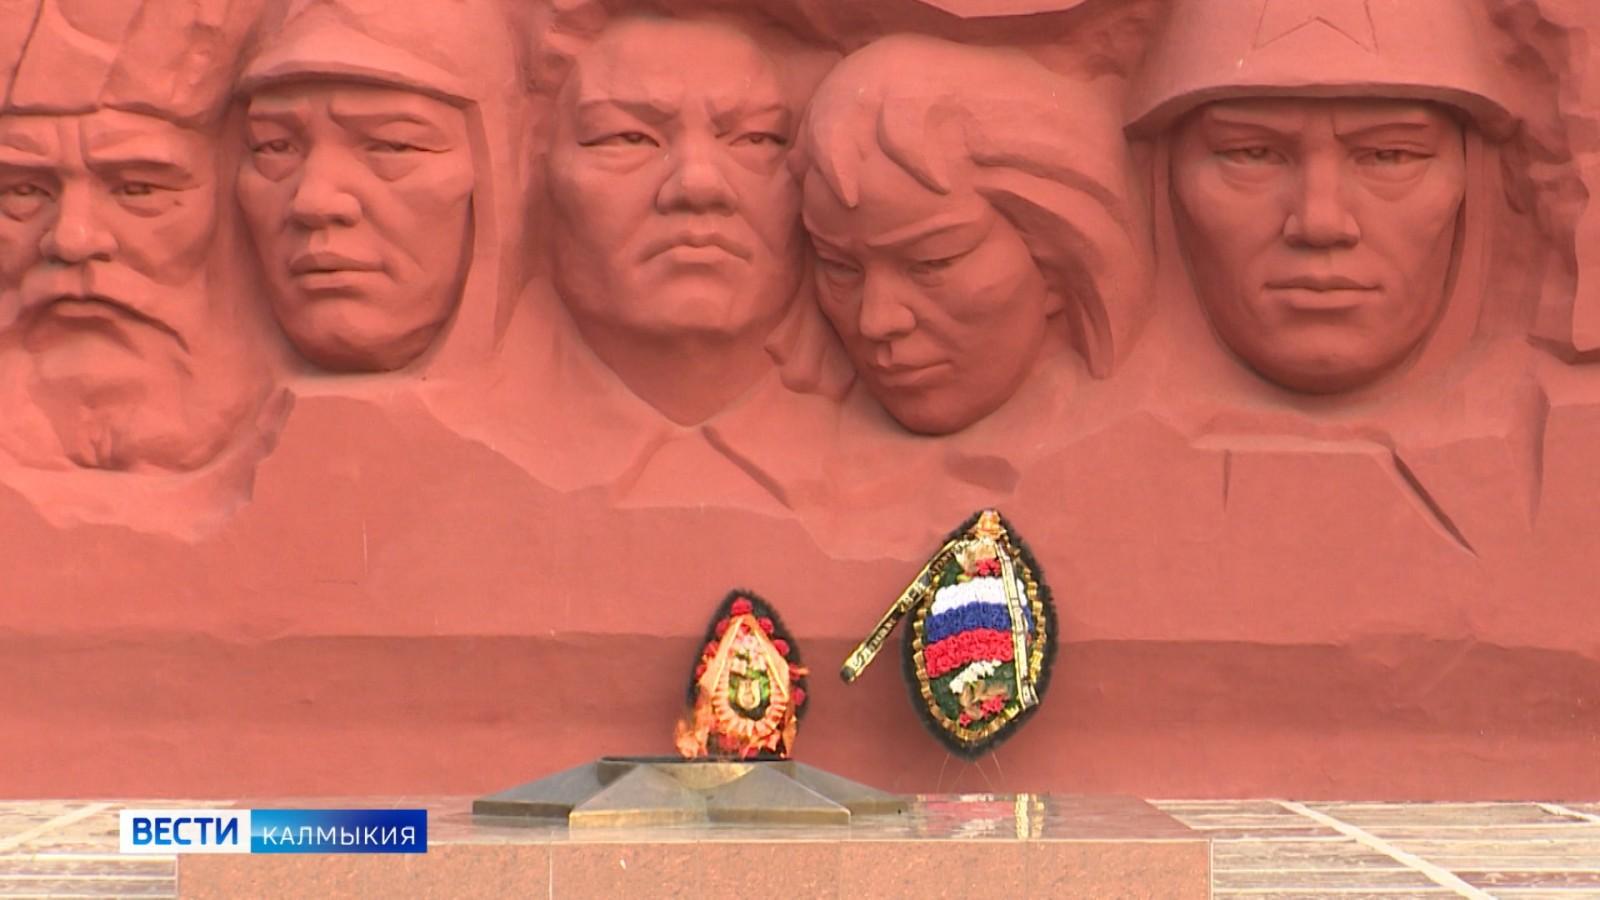 Сегодня в стране отмечается День защитника Отечества